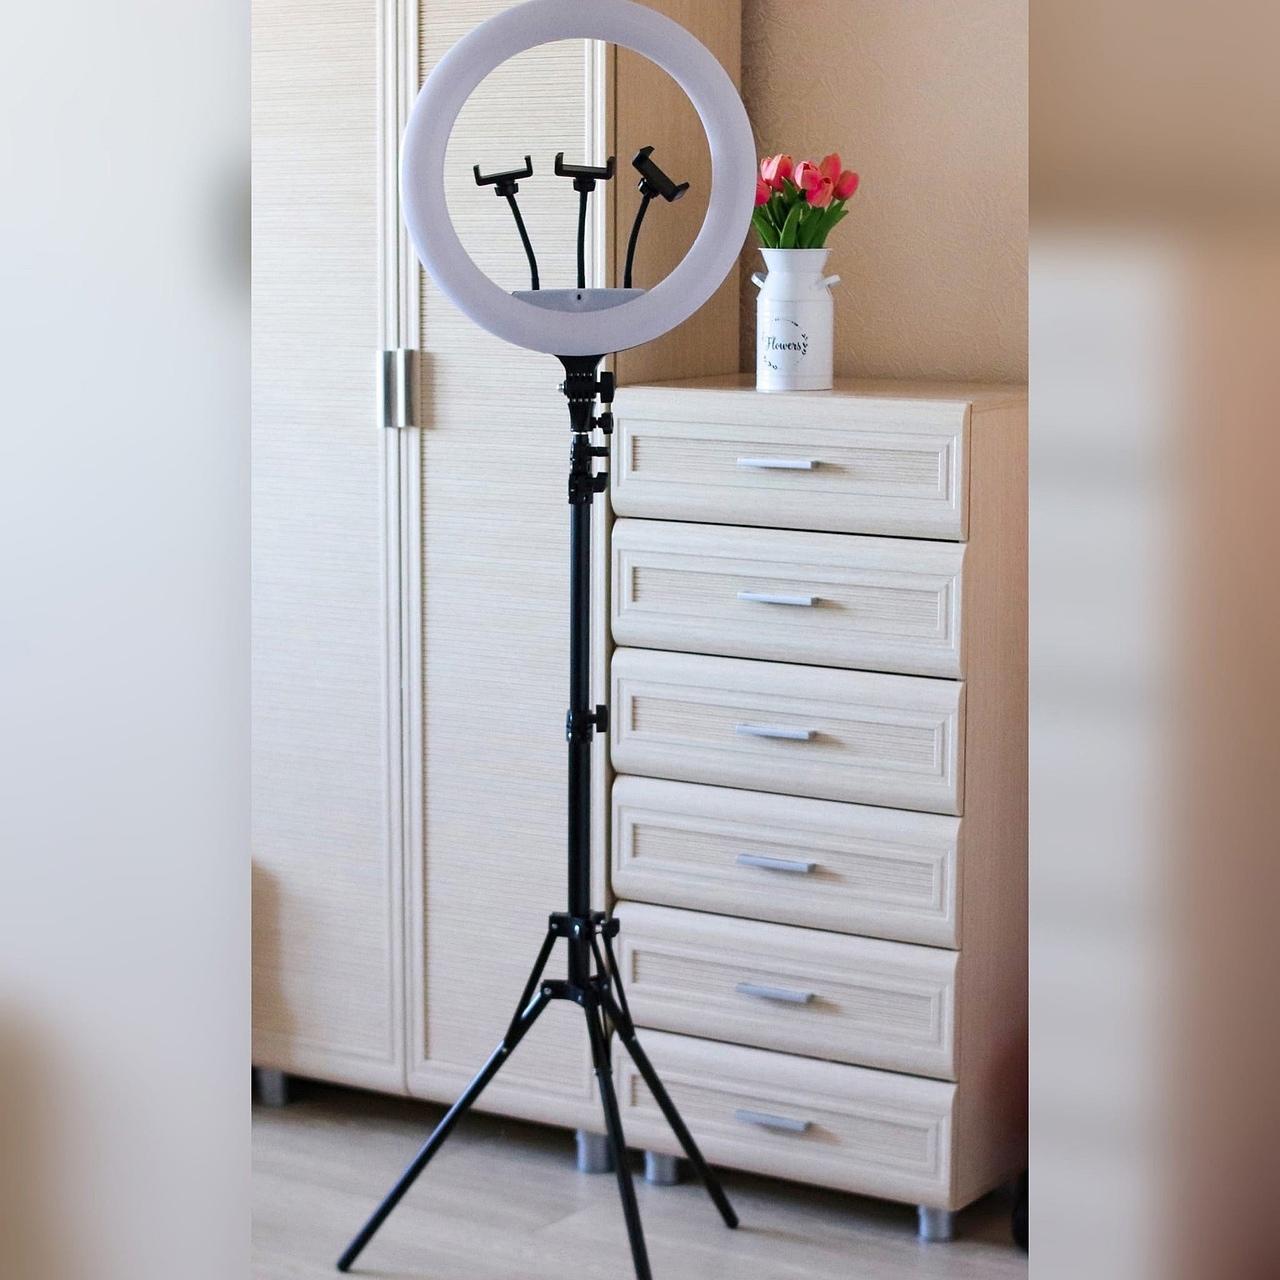 Кольцевая лампа из магазина #FillLtHos Photography Store.